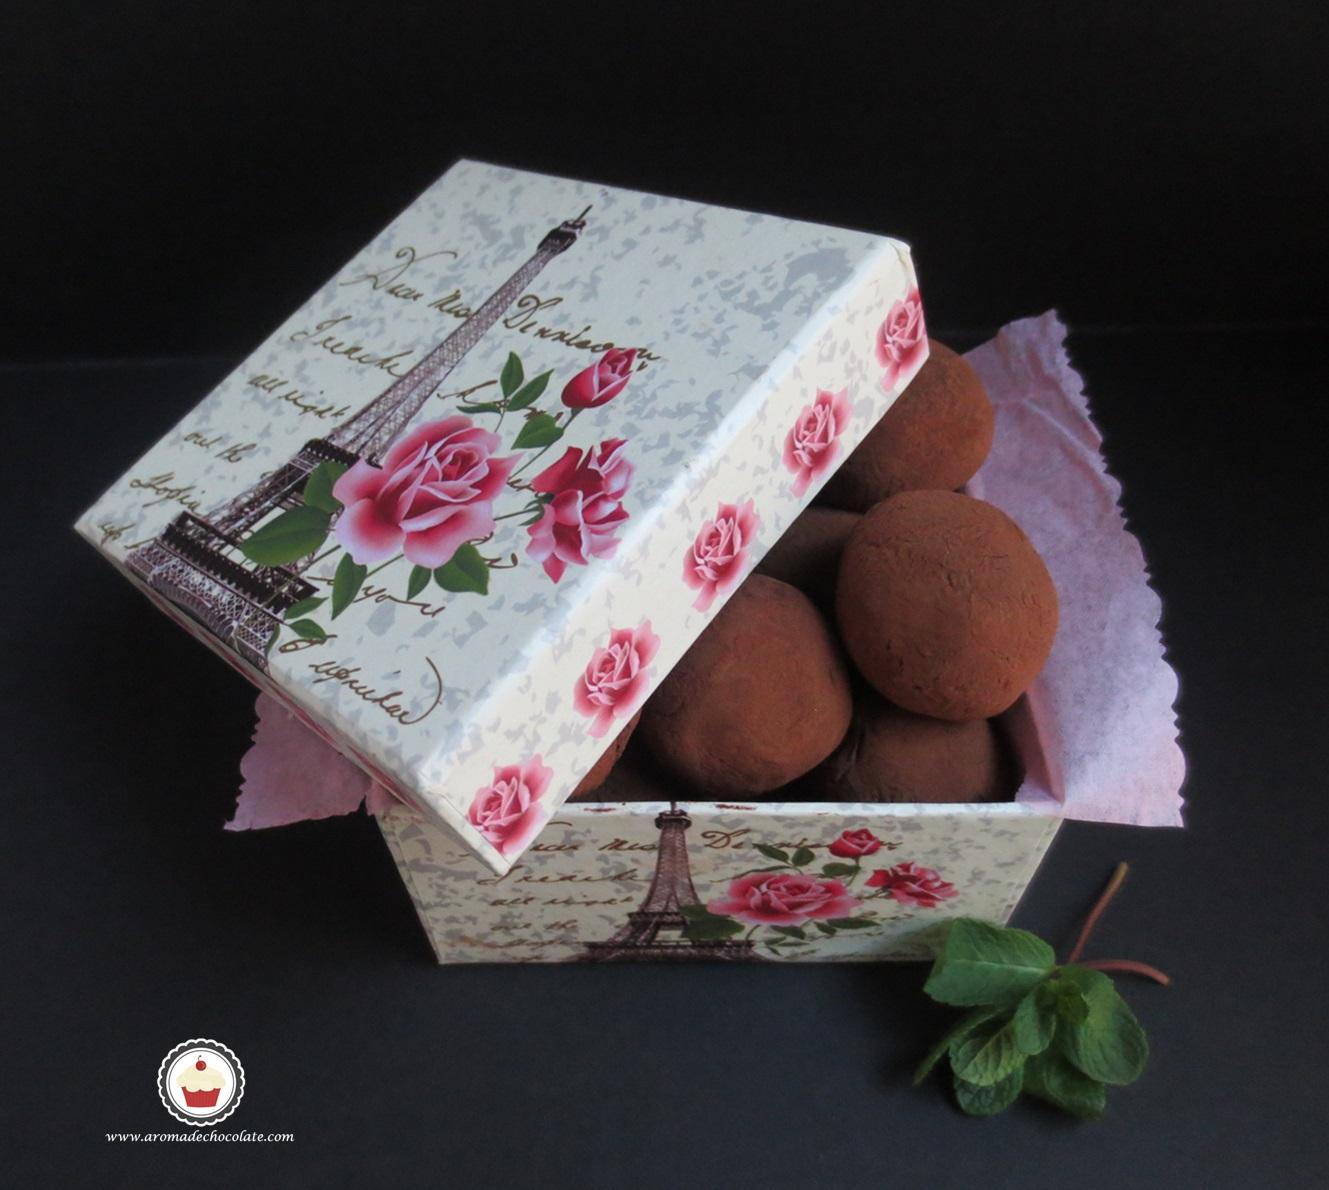 Trufras de chocolate y menta . Aroma de chocolate